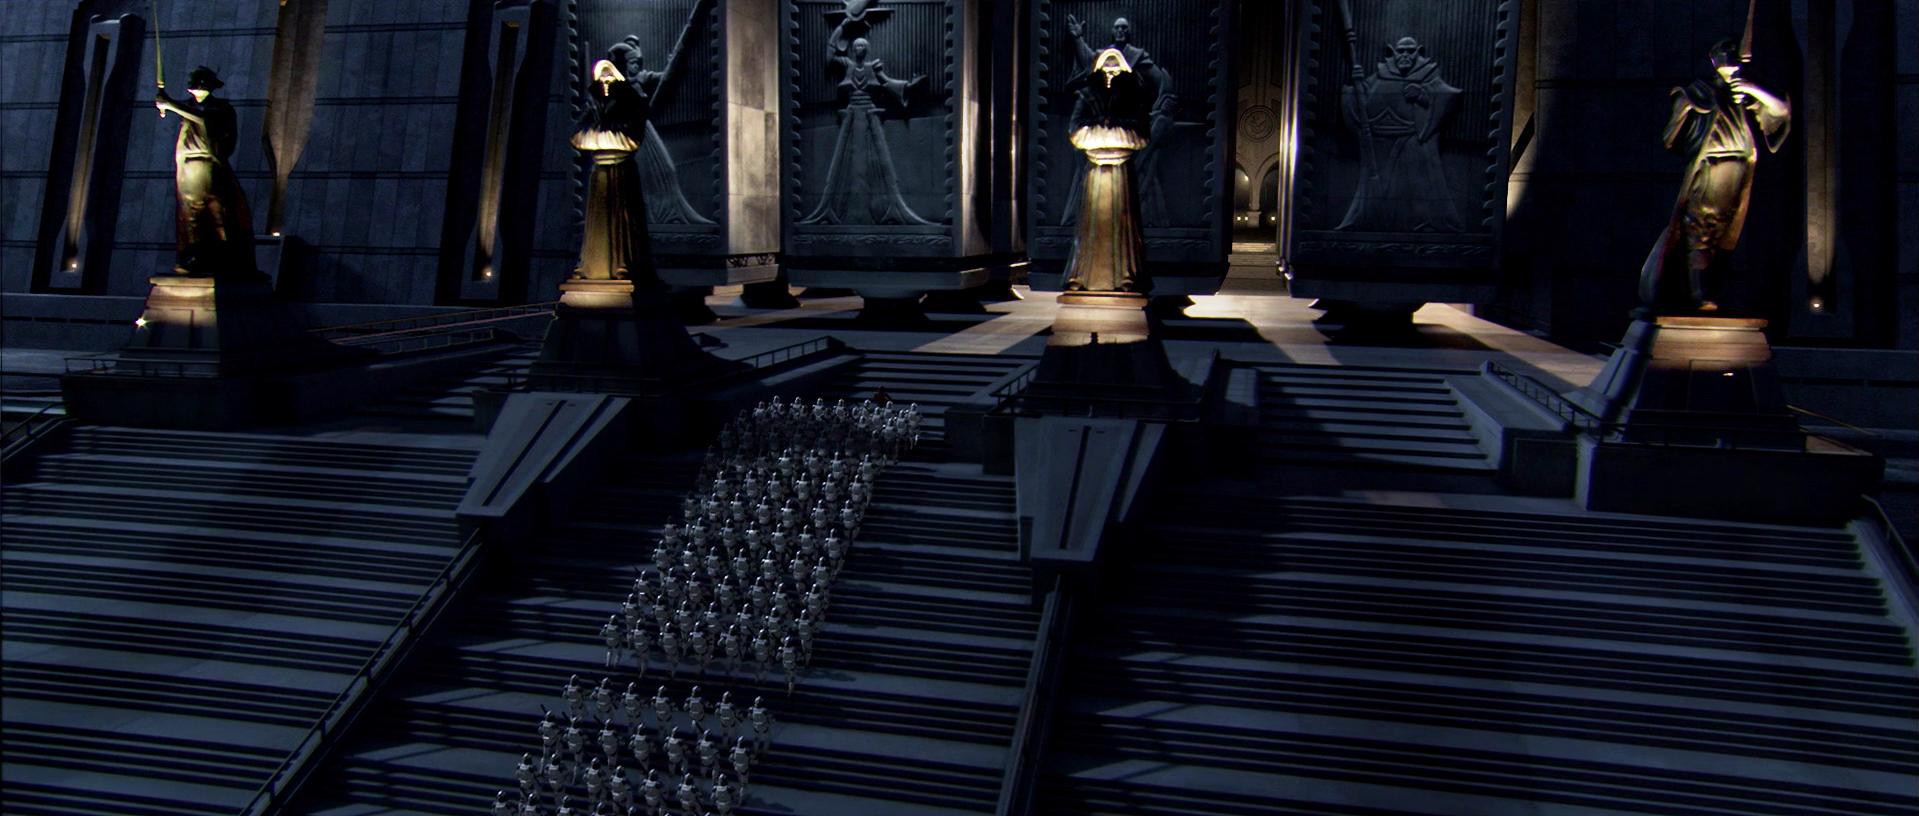 Звездные войны храм джедаев игра актеры гарри поттера с фото тогда и сейчас